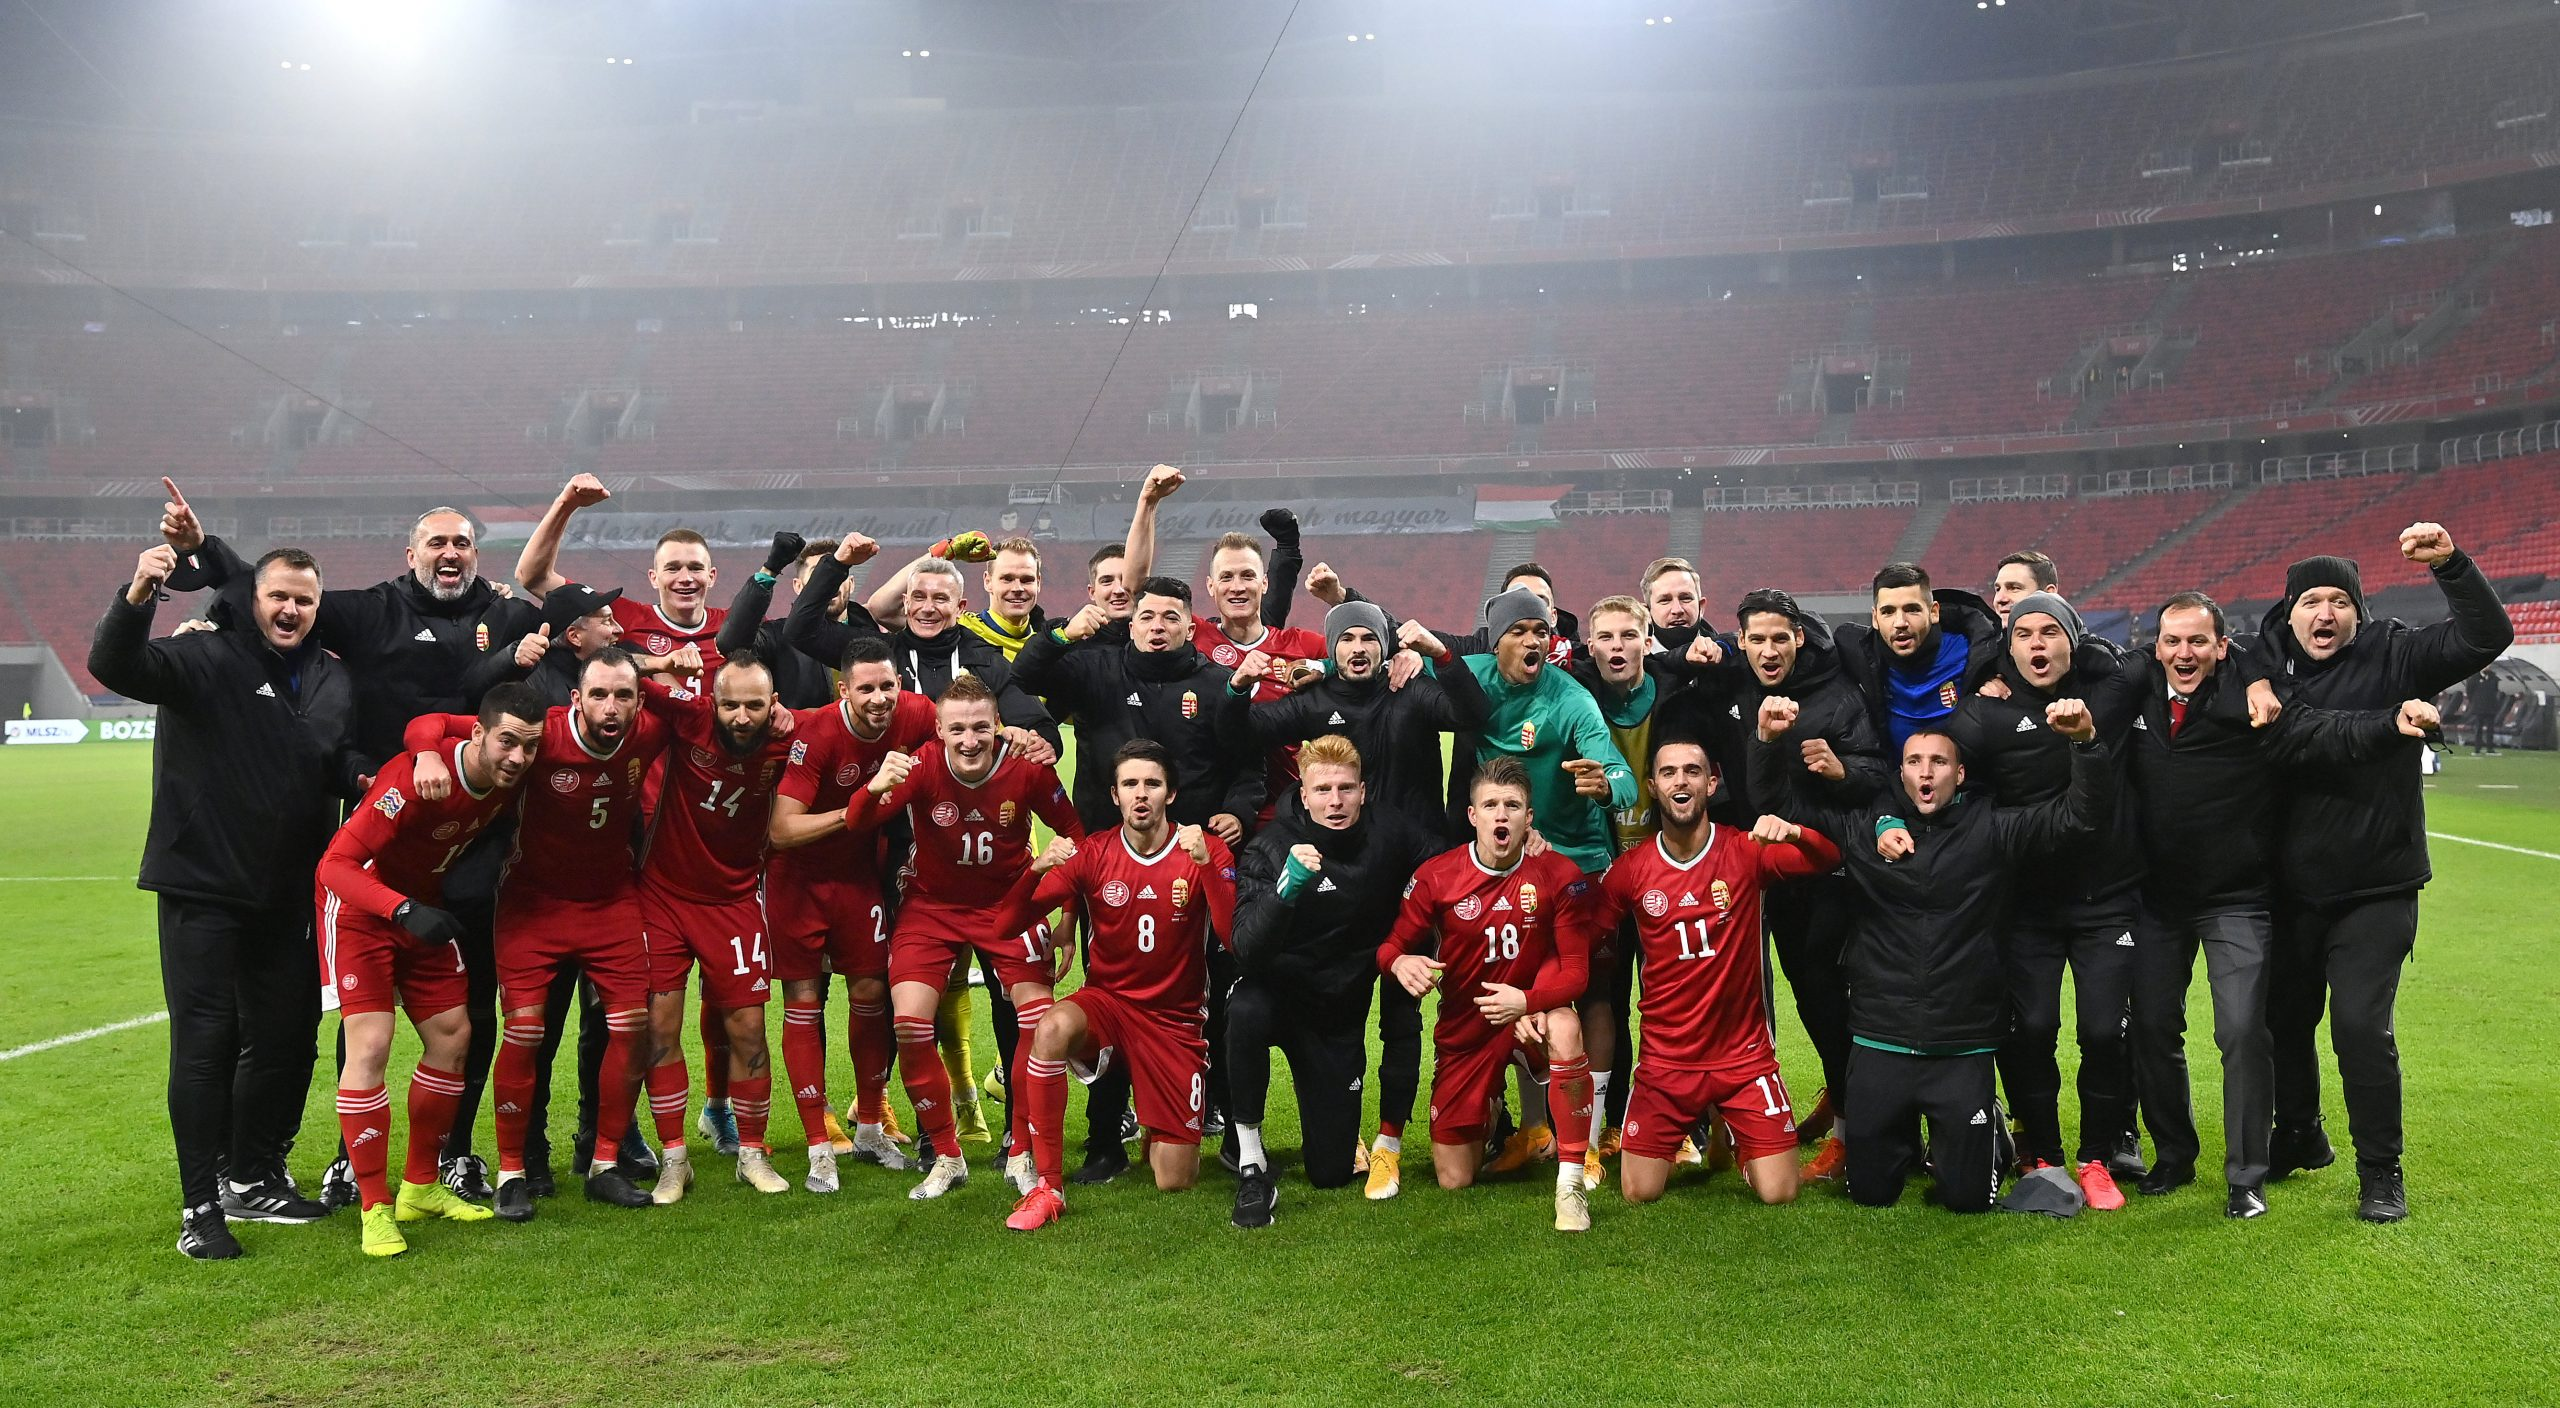 Fußball-EM: Ungarische Nationalmannschaft kniet nicht nieder